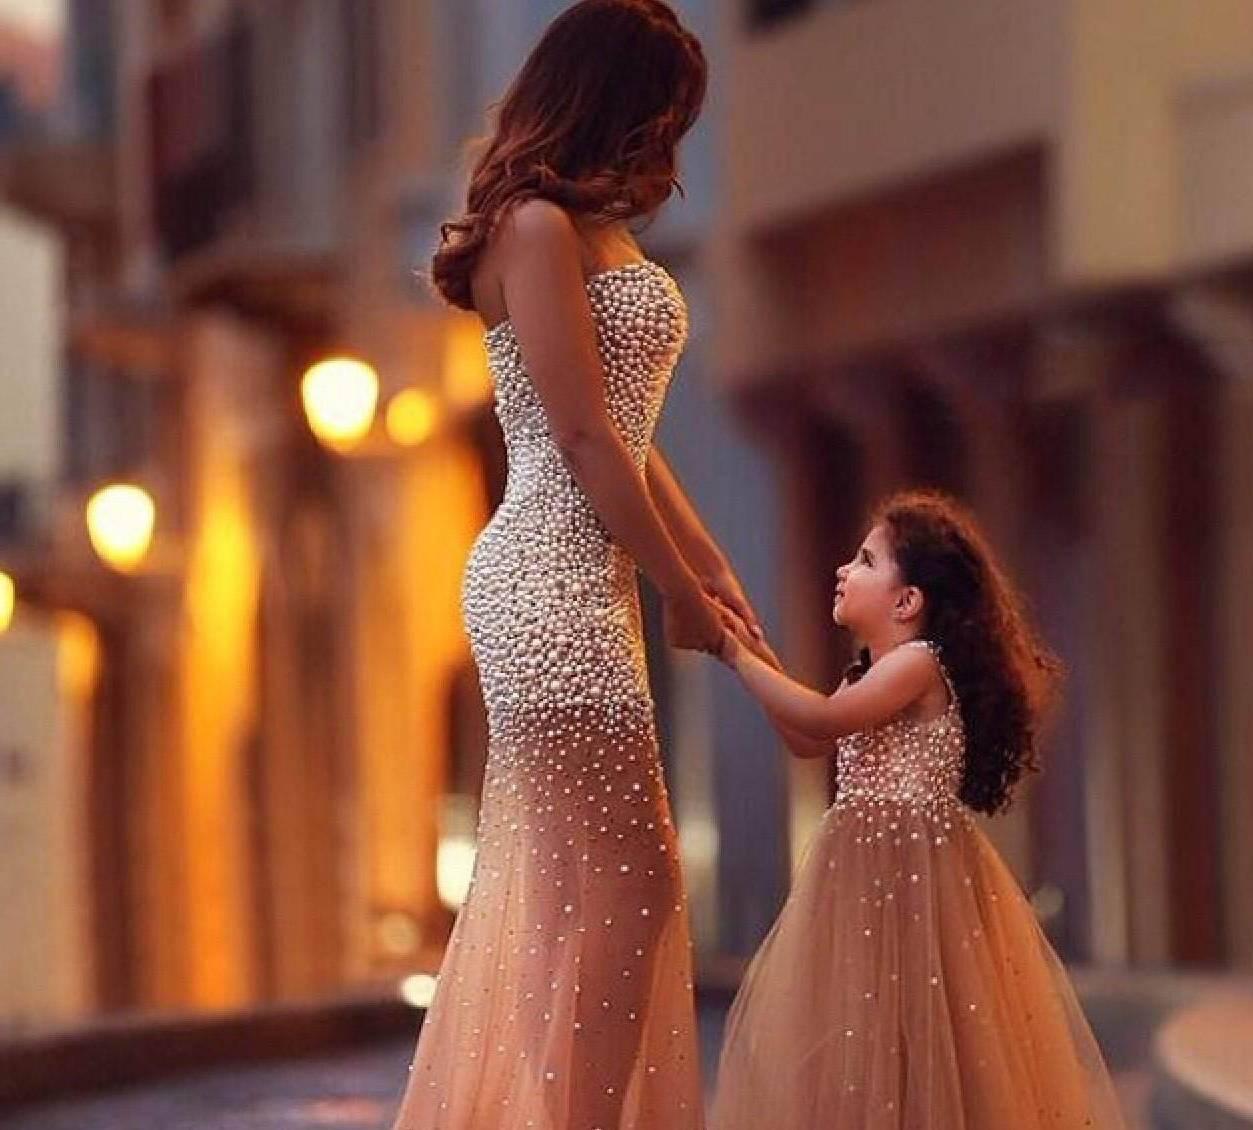 55b5c37307b Однако по желанию тона платьев могут немного отличаться. Такой вариант чаще  всего шьют на заказ